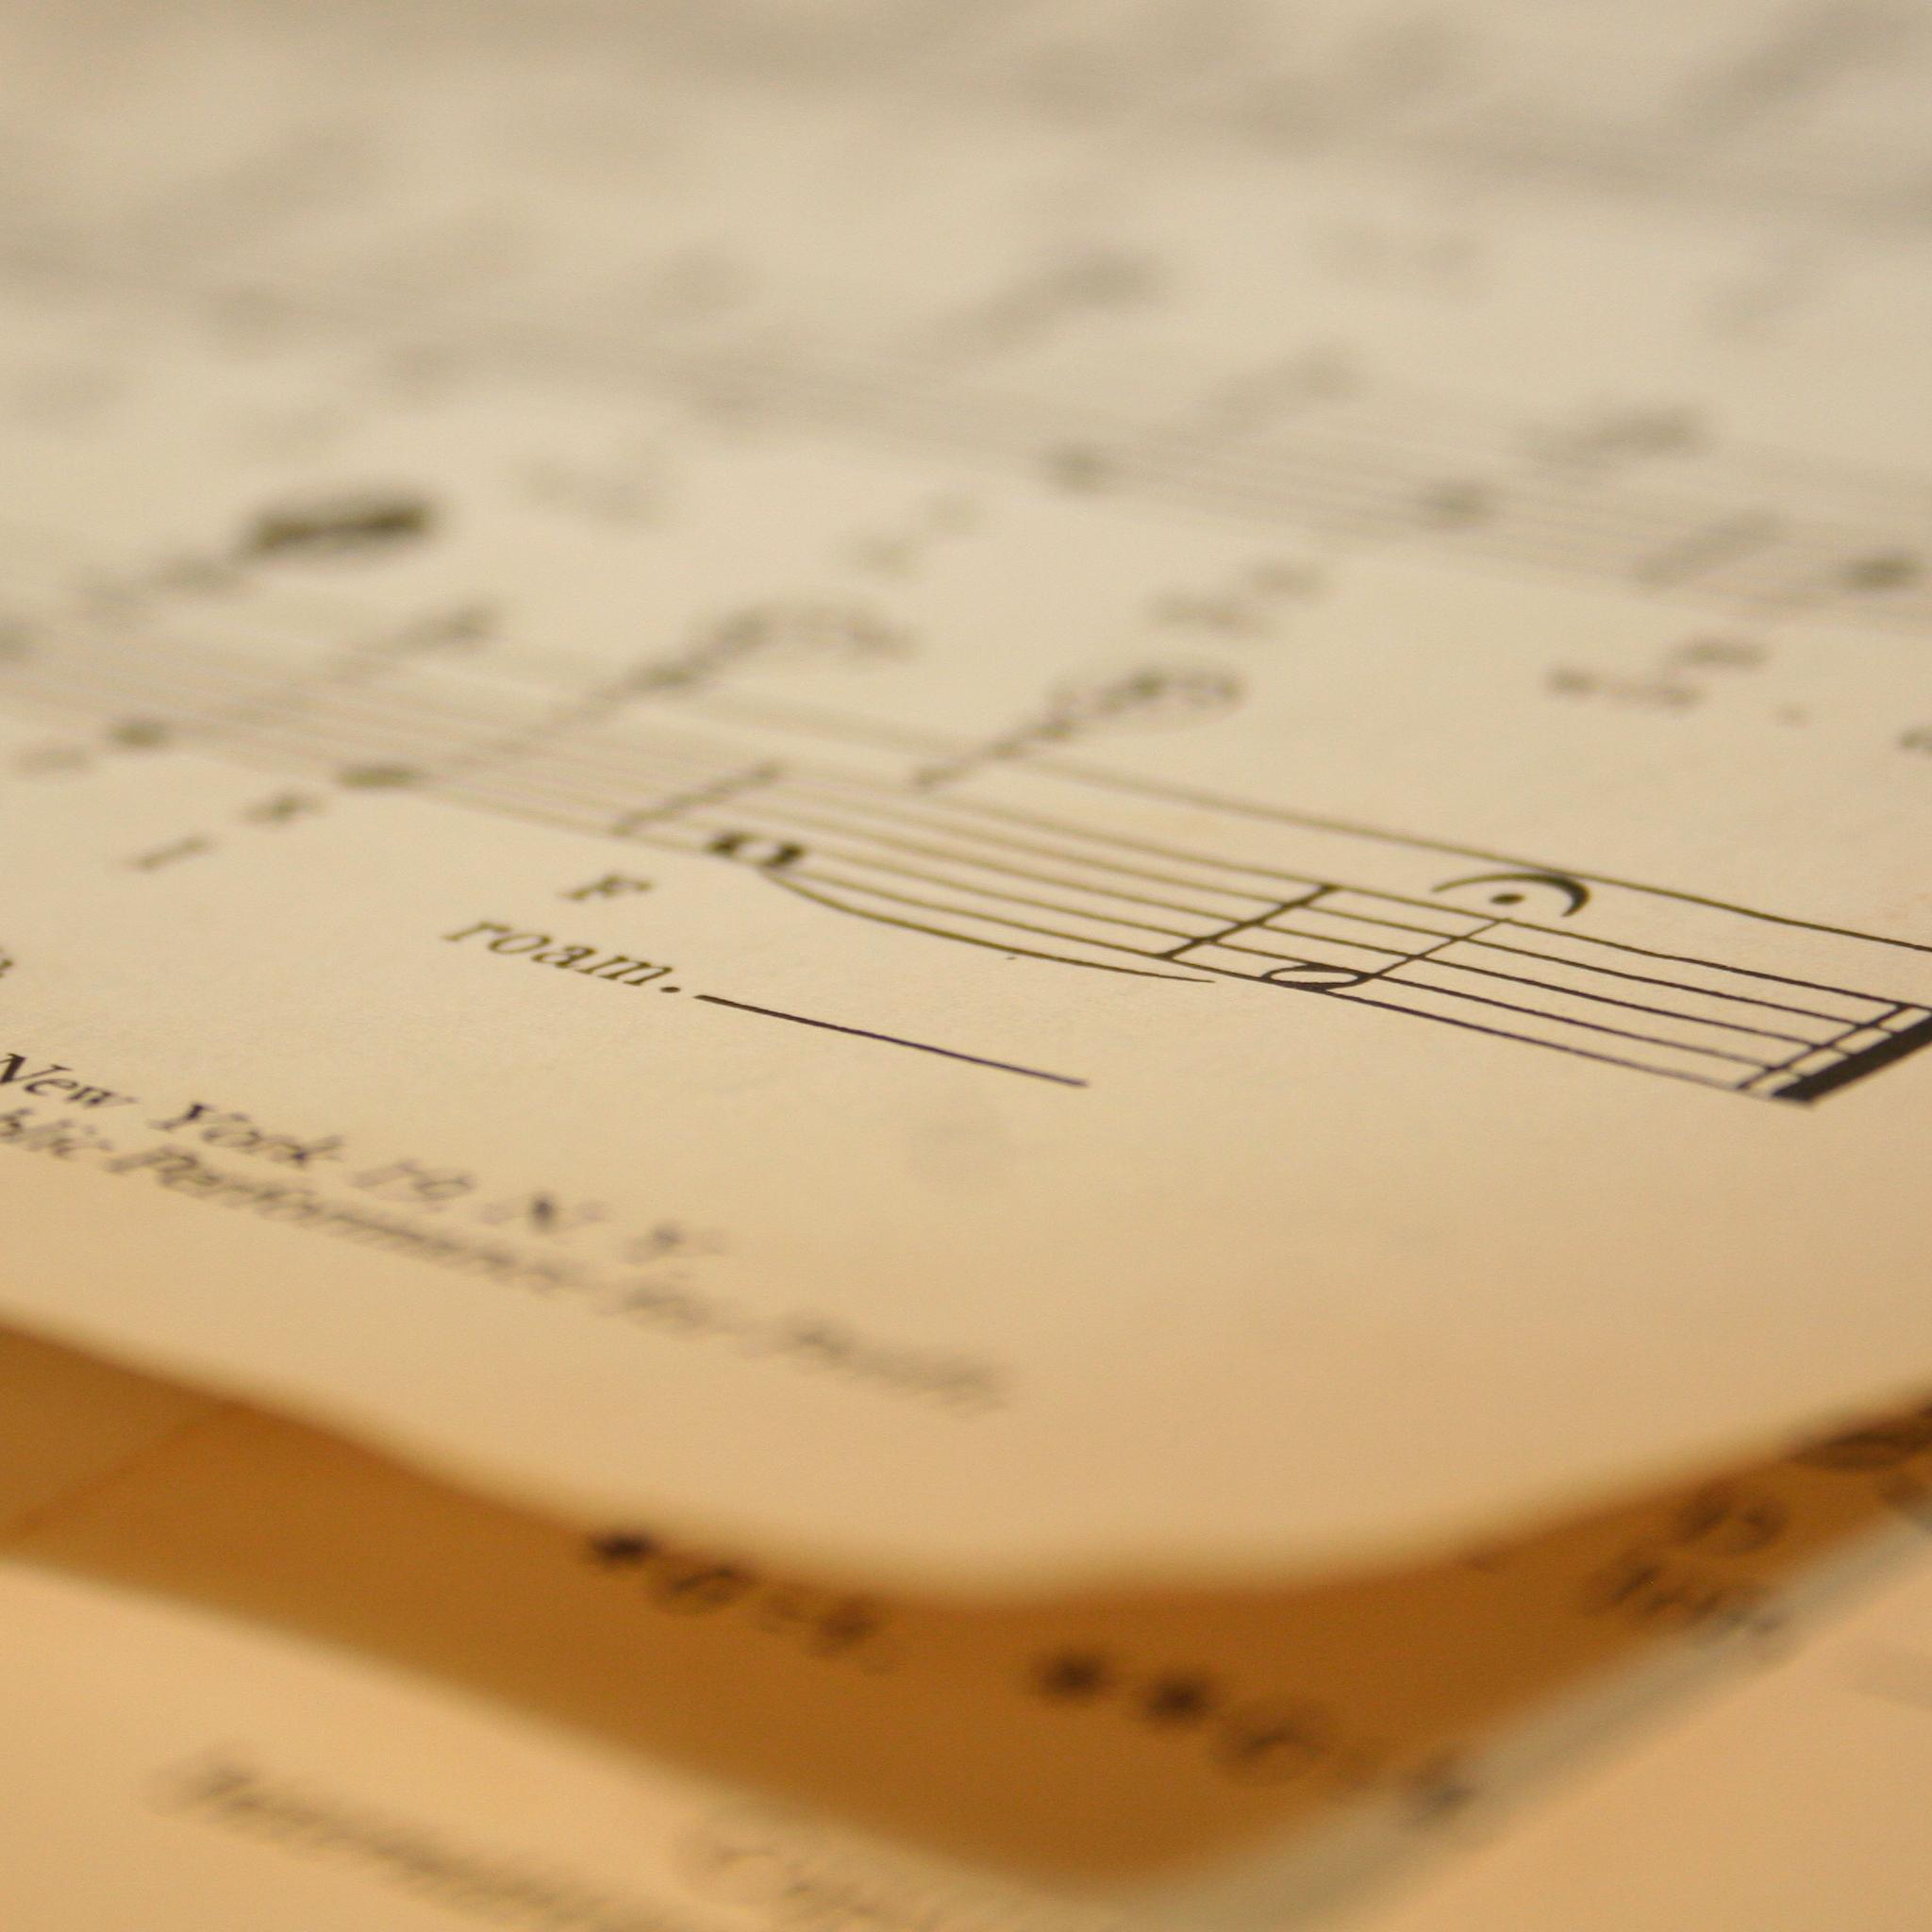 Feuille de musique 3 Wallpapers iPad Feuille de musique